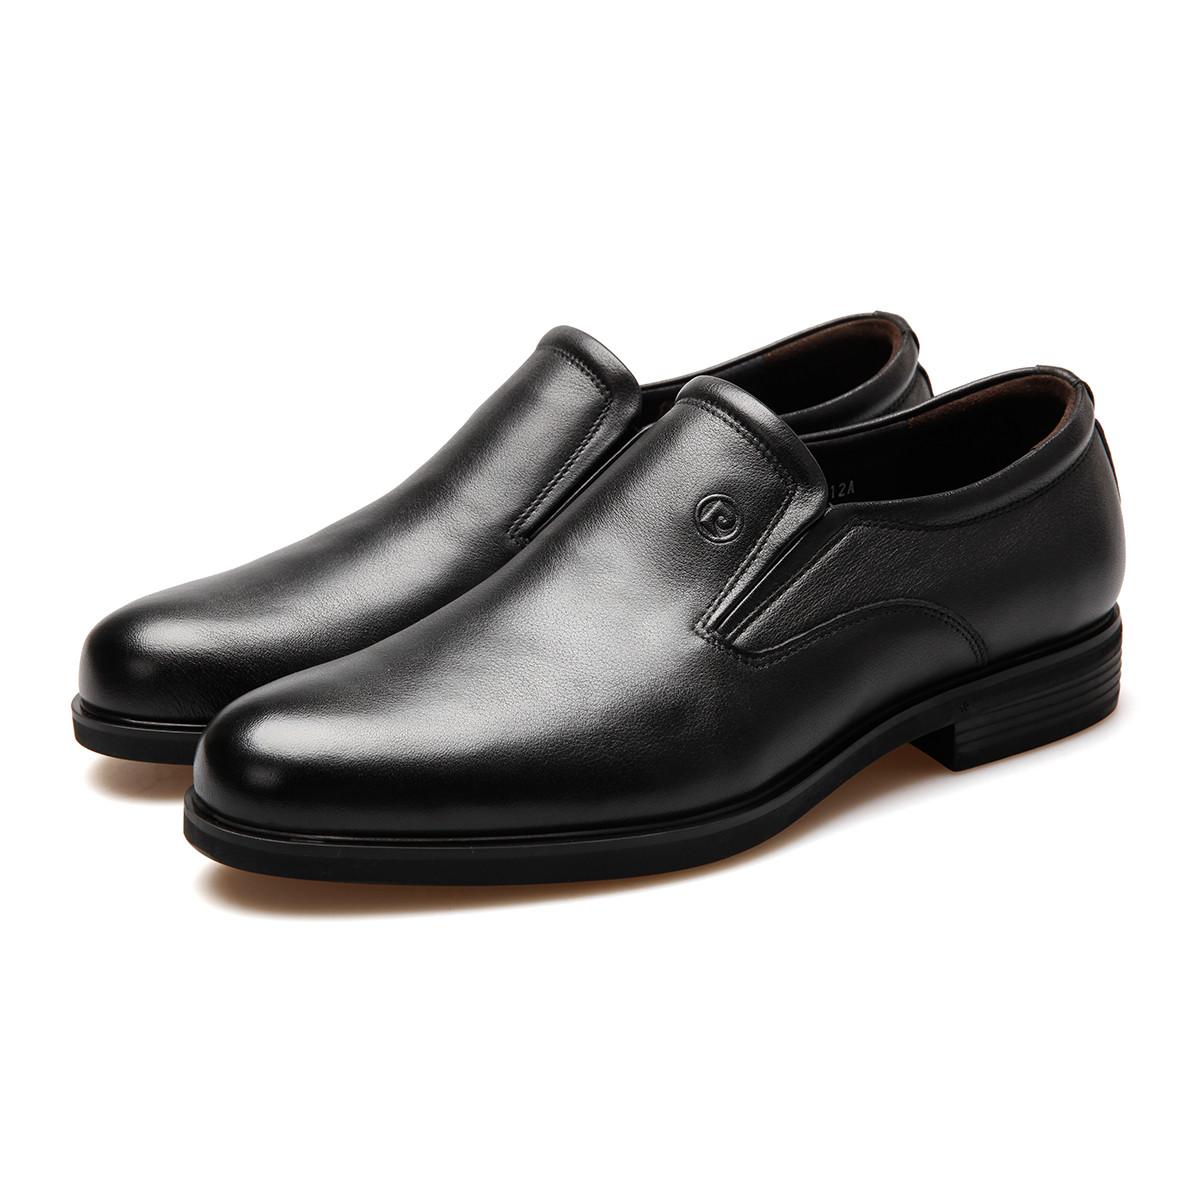 皮尔·卡丹质感软牛皮一片式版面按摩底真皮皮鞋男鞋男士皮鞋P8401F160812A00